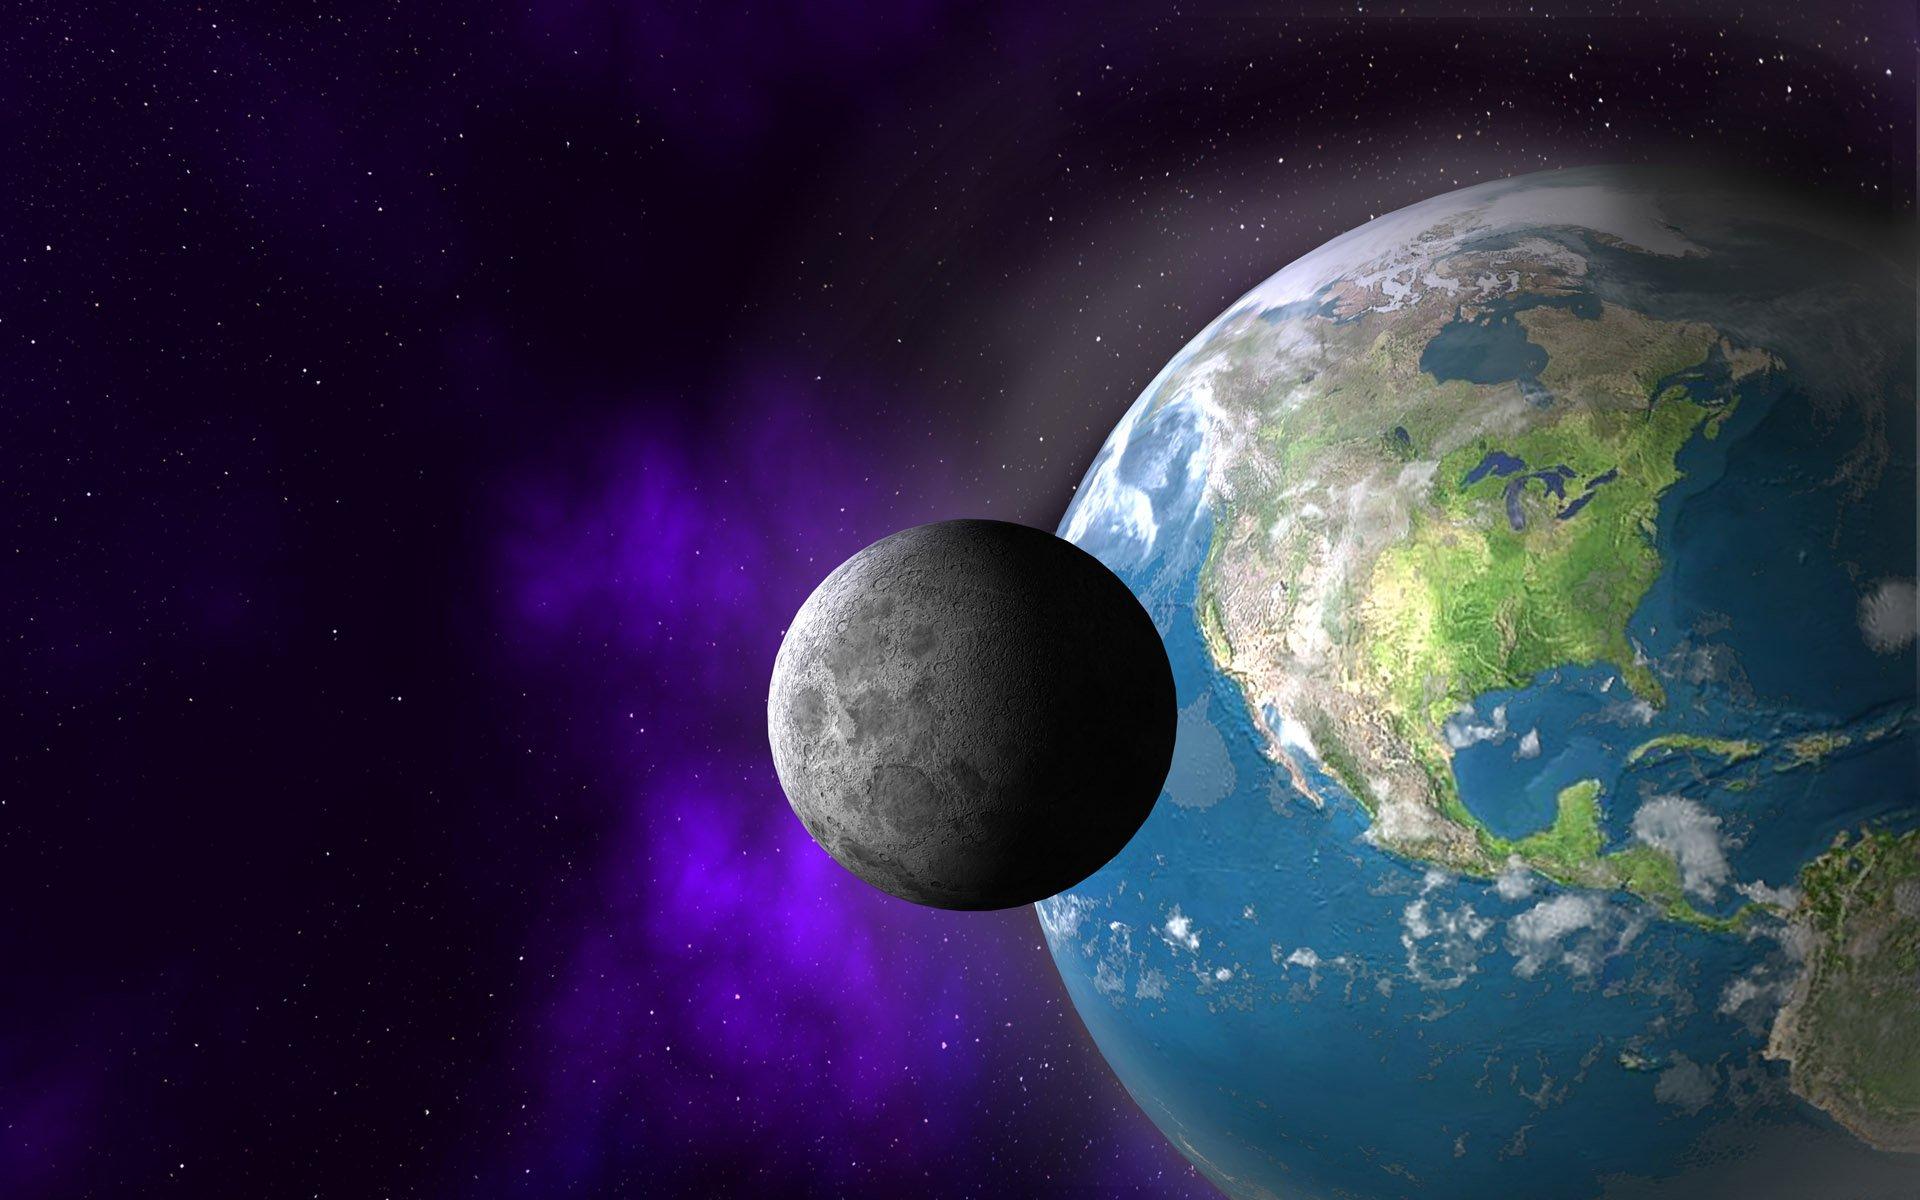 Картинки луны и земли для детей